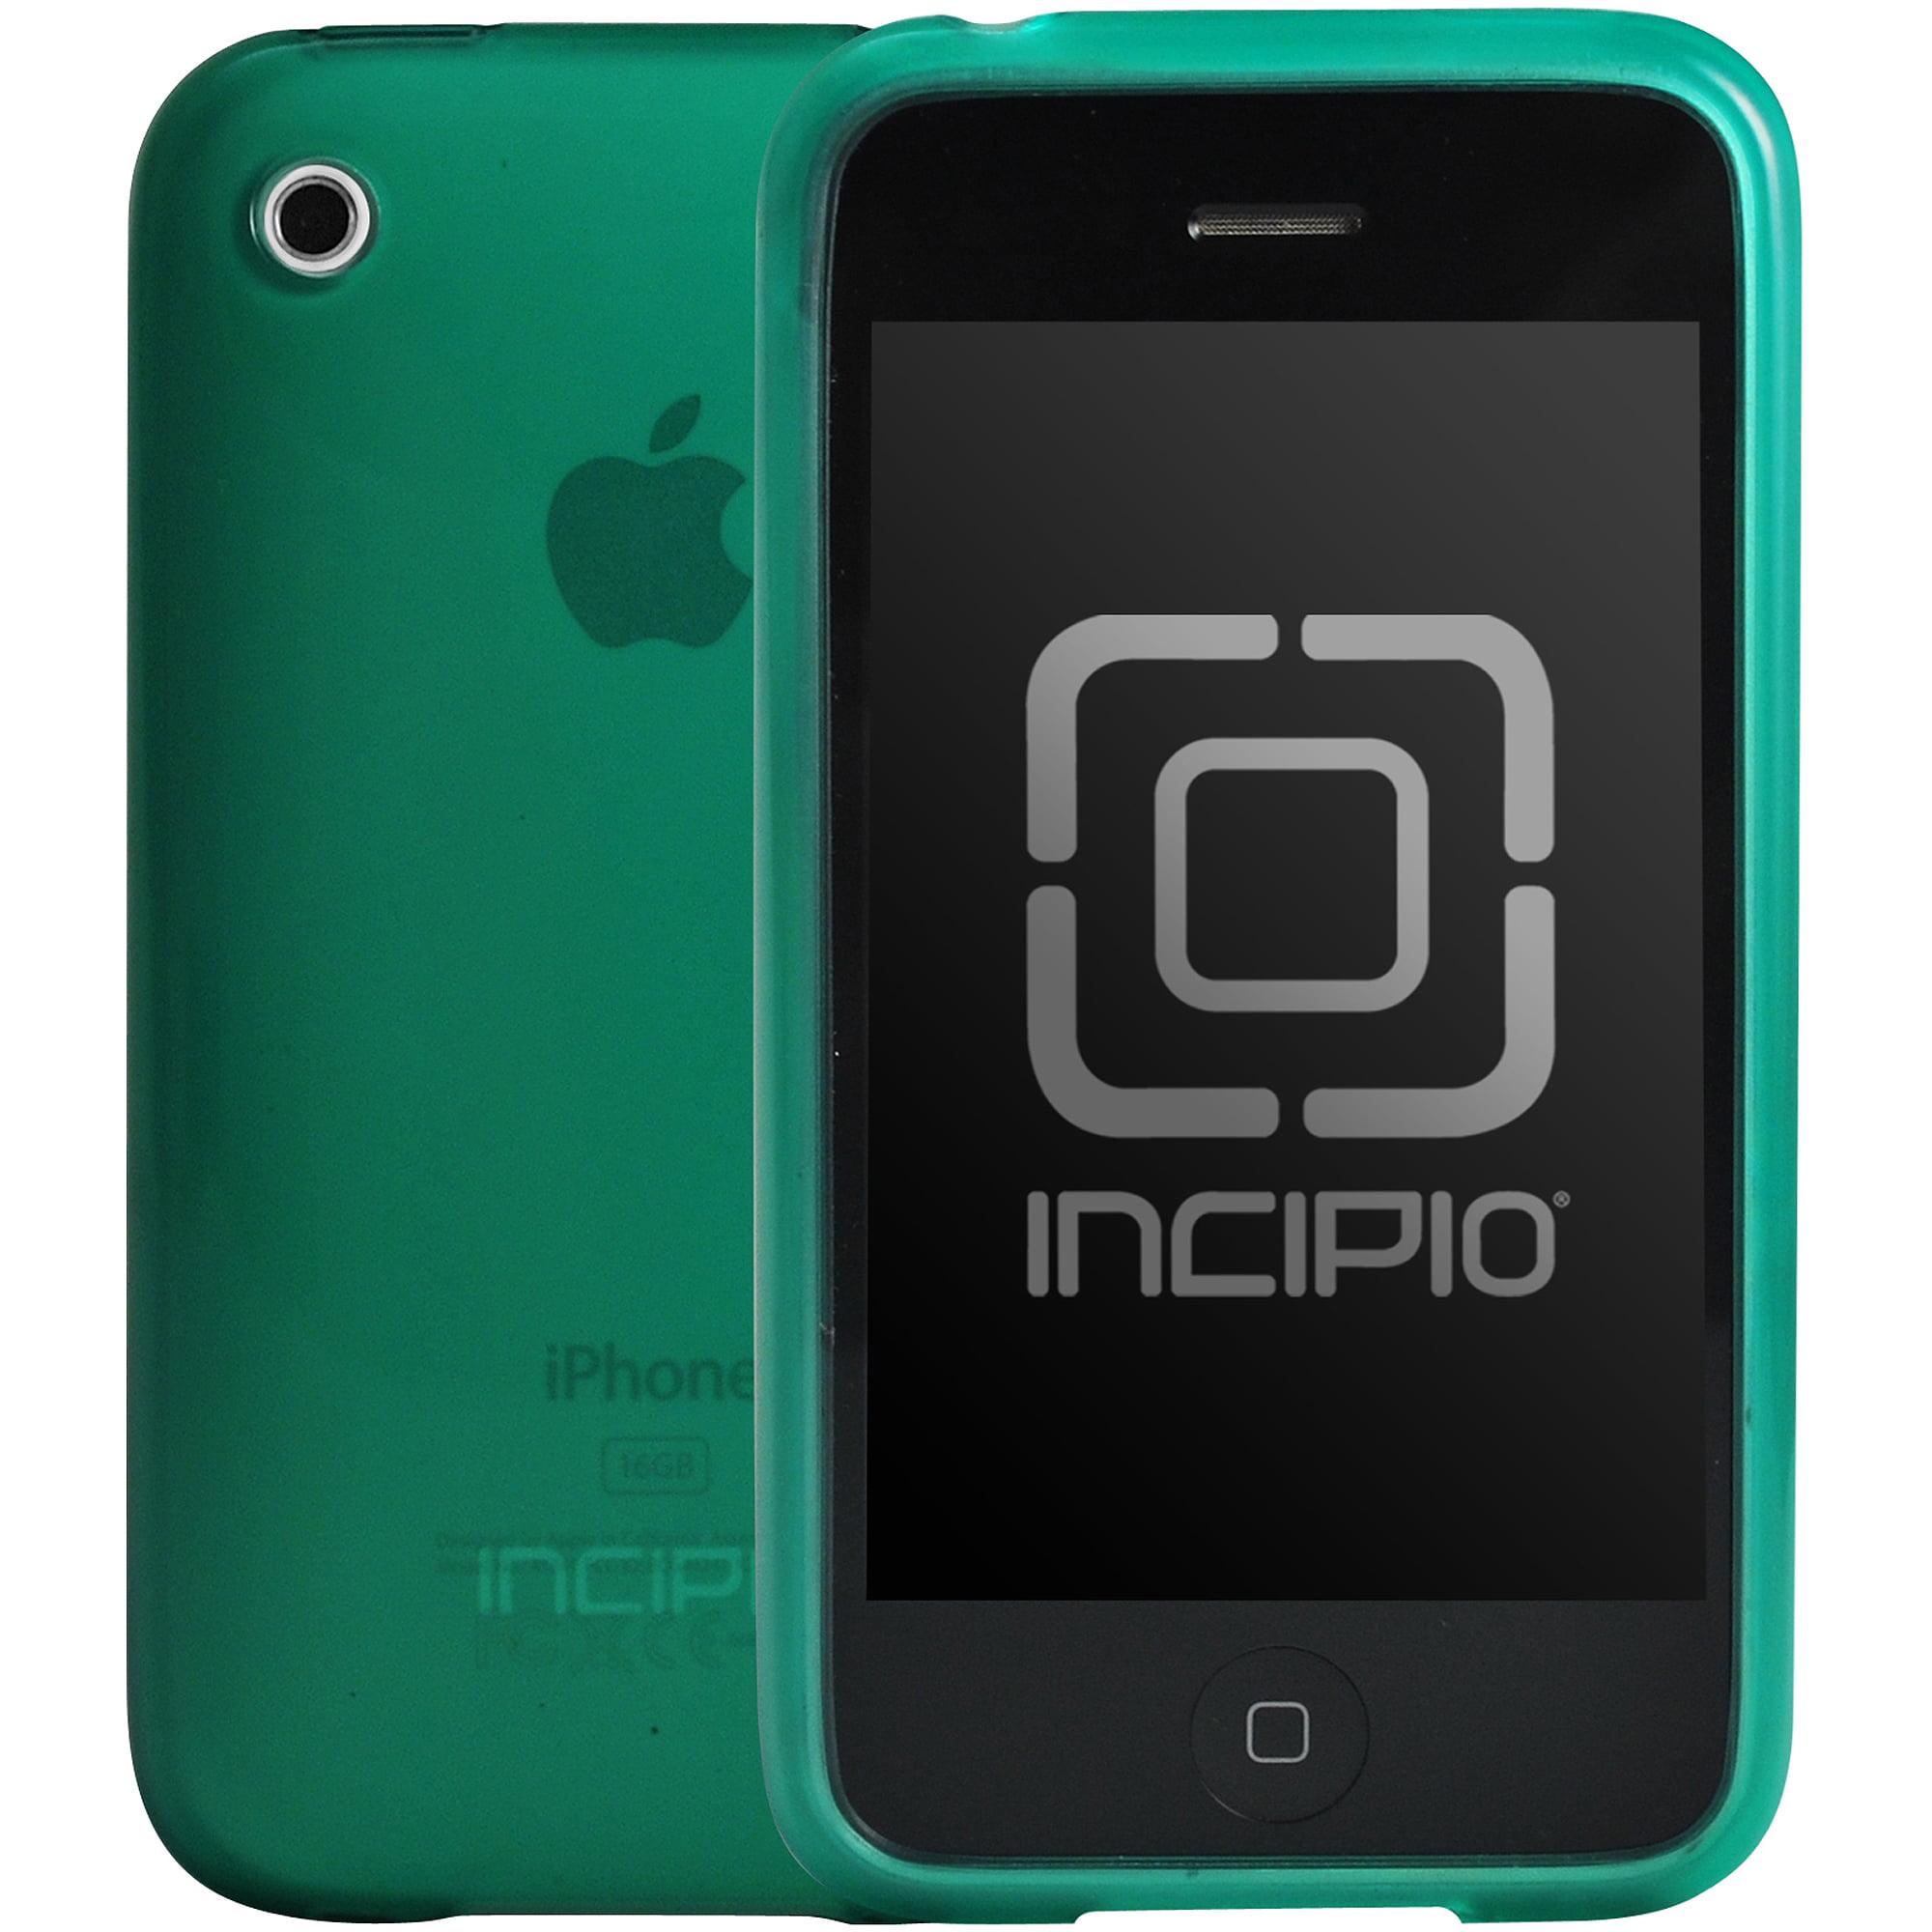 Incipio NGP Case for iPhone 3G/3GS, Emerald Green